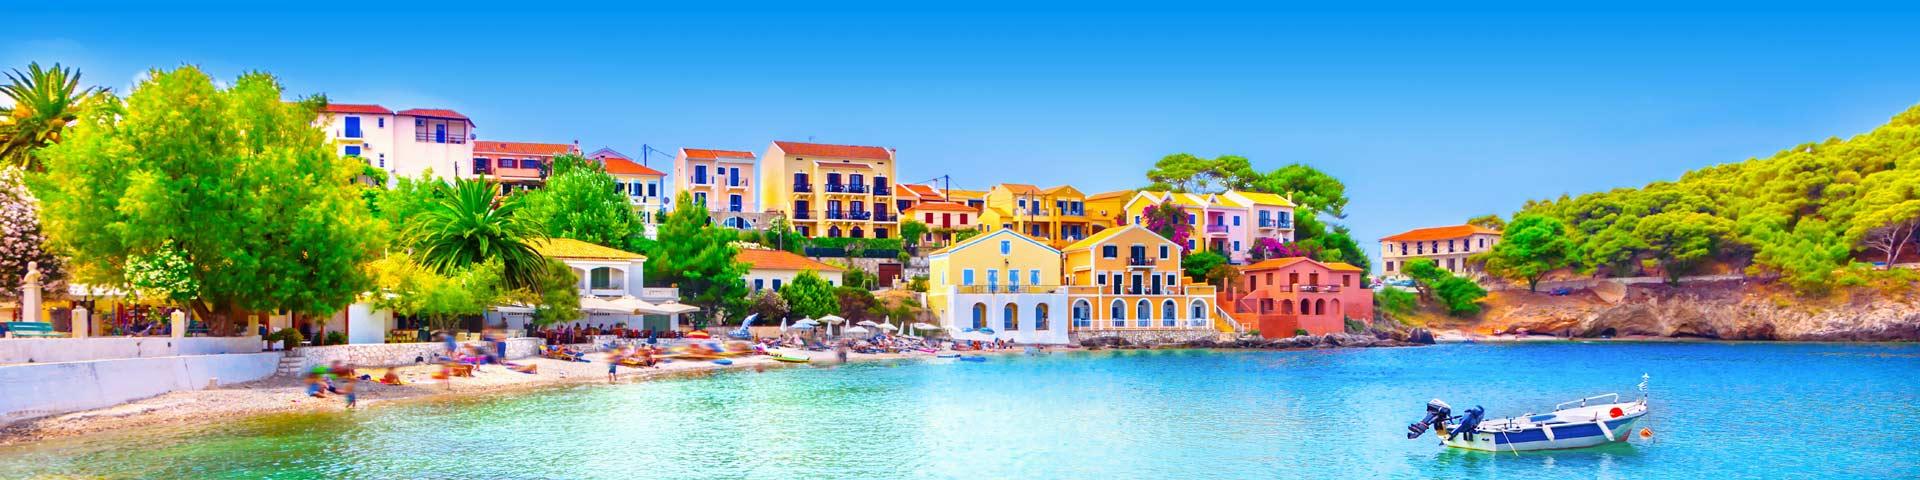 Kleurrijke huisjes aan de kust van Griekenland